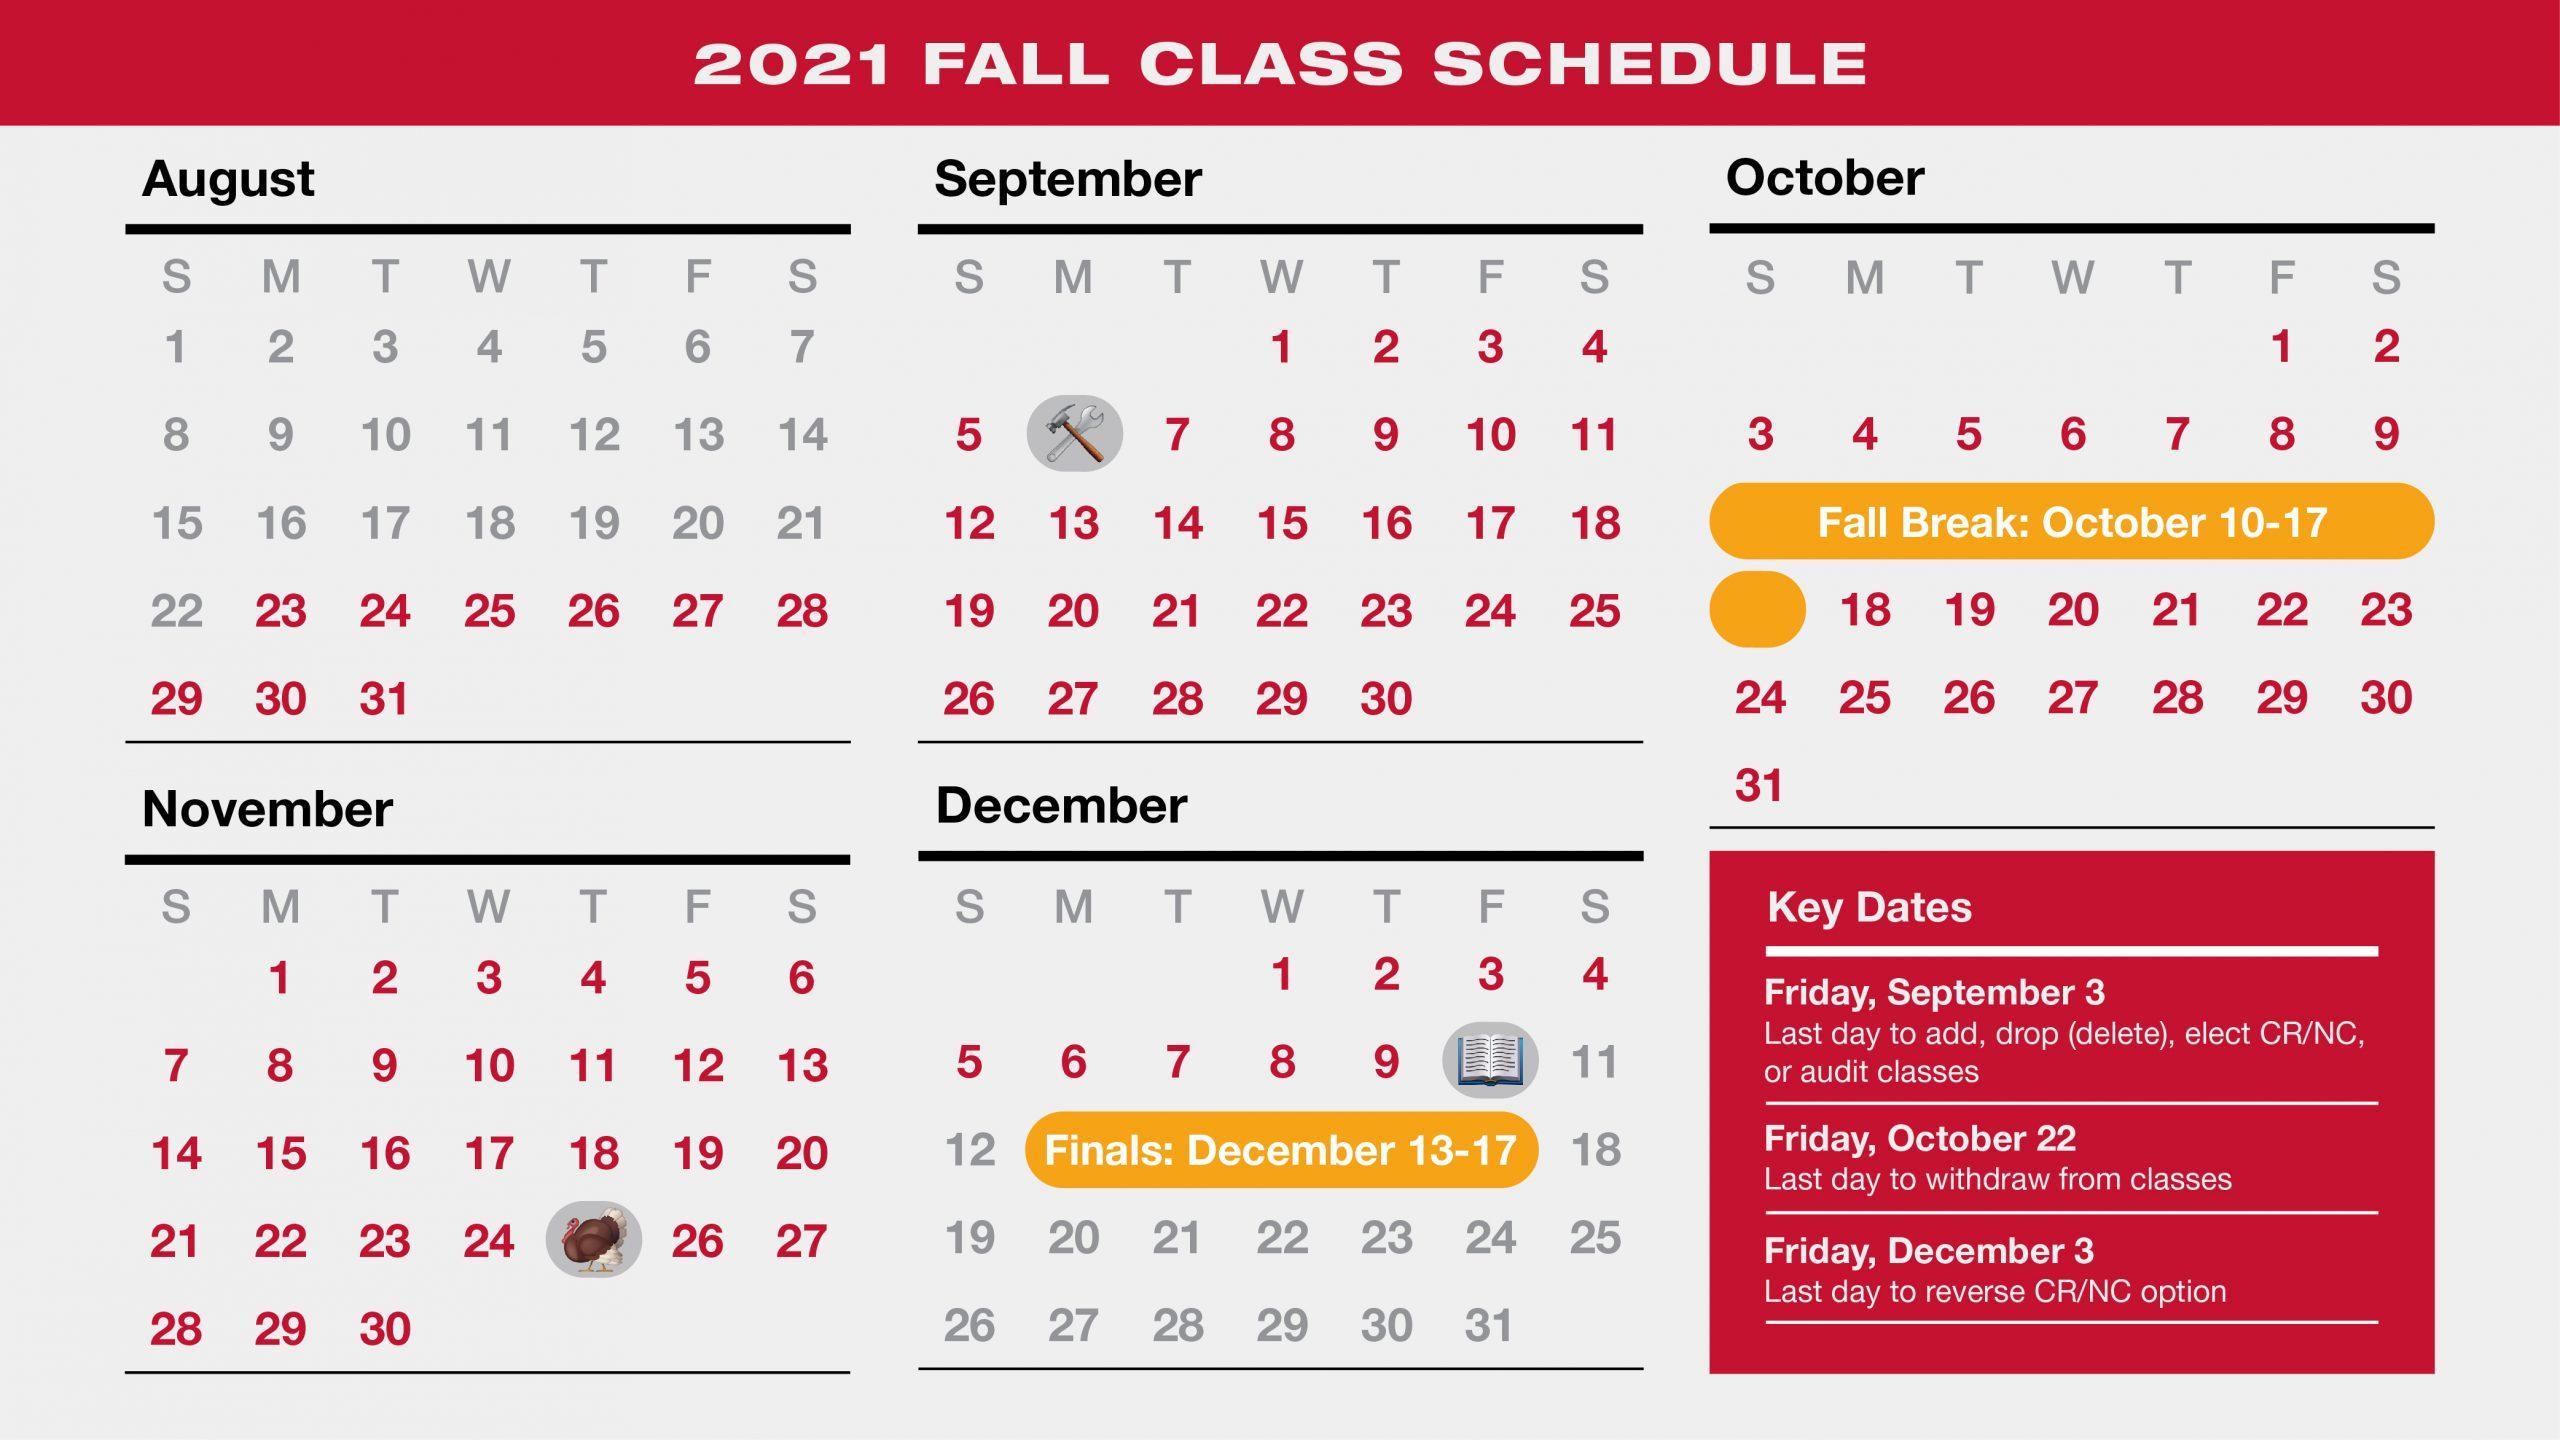 University of Utah Fall 2021 Schedule